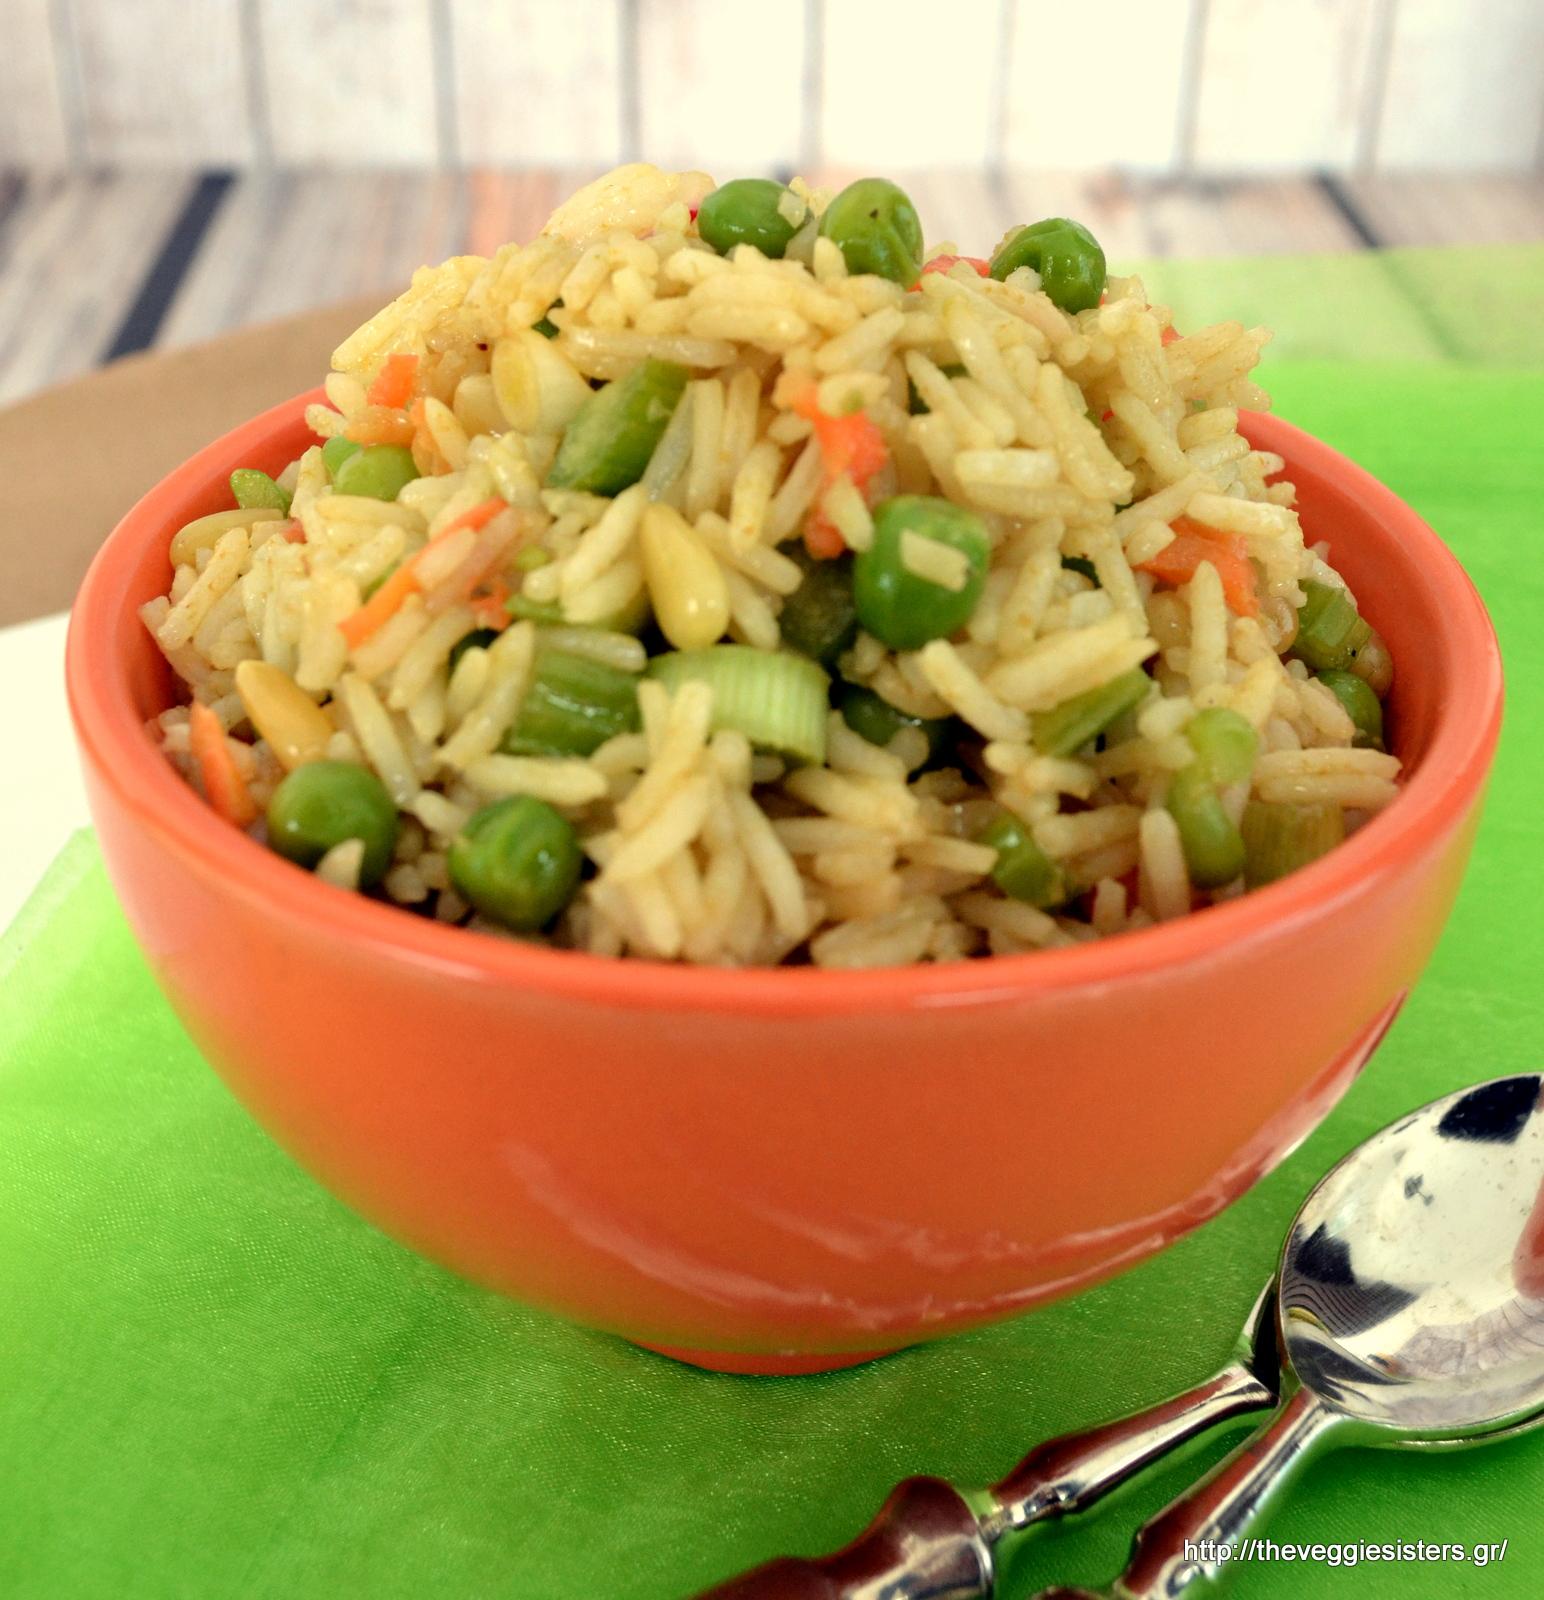 Ρύζι μπασμάτι με λαχανικά - Basmati rice with veggies